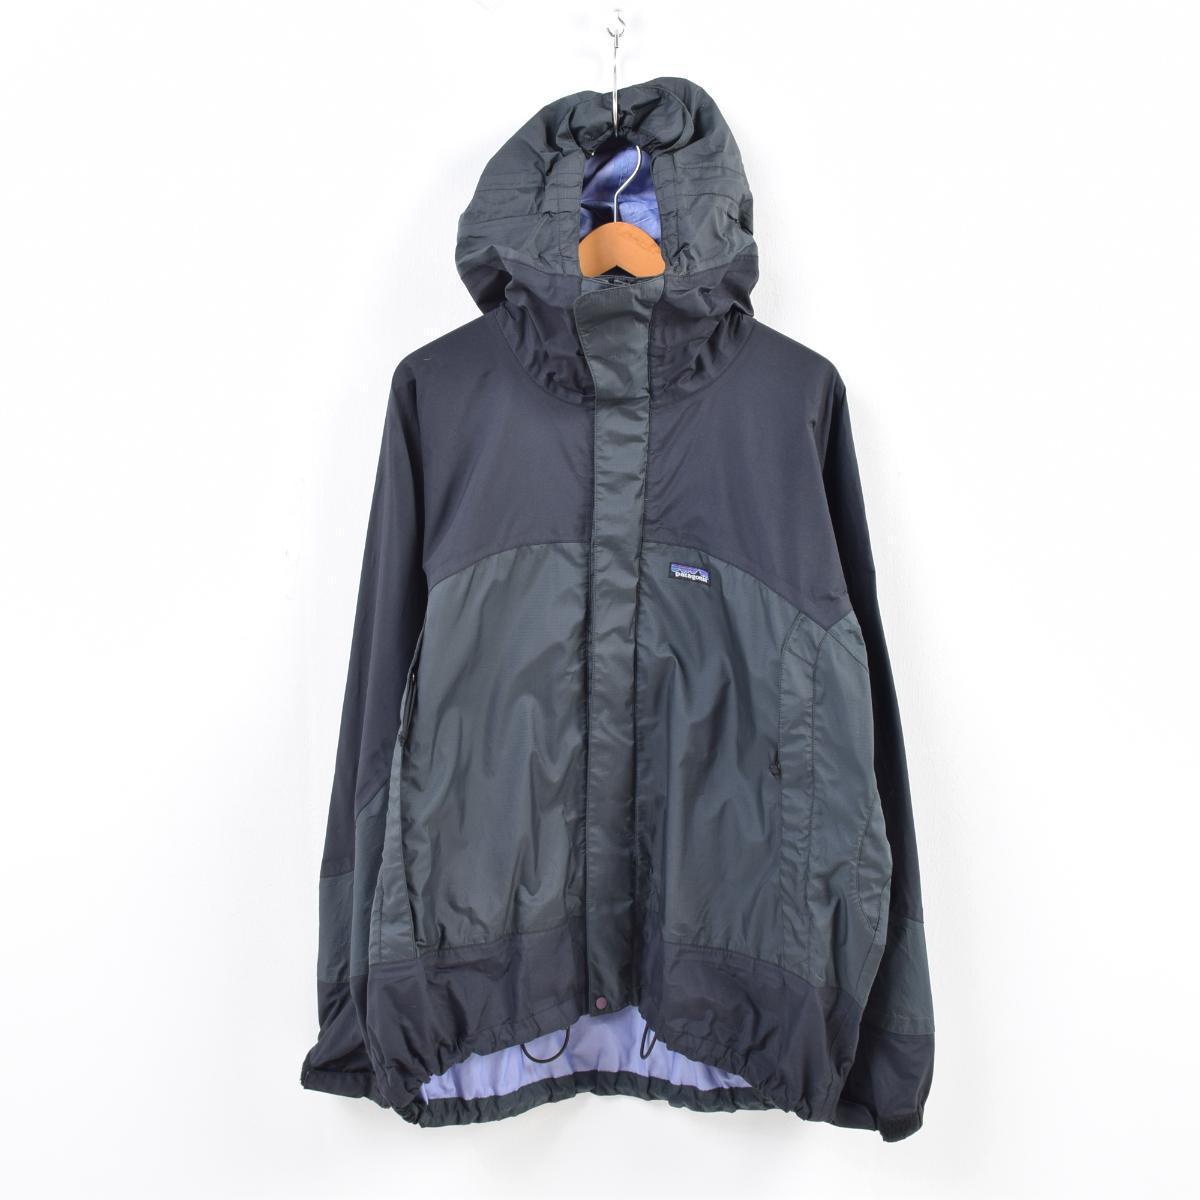 99年製 パタゴニア Patagonia Direct,X Jacket ダイレクトXジャケット マウンテンパーカー メンズXL /was8339  【180819】